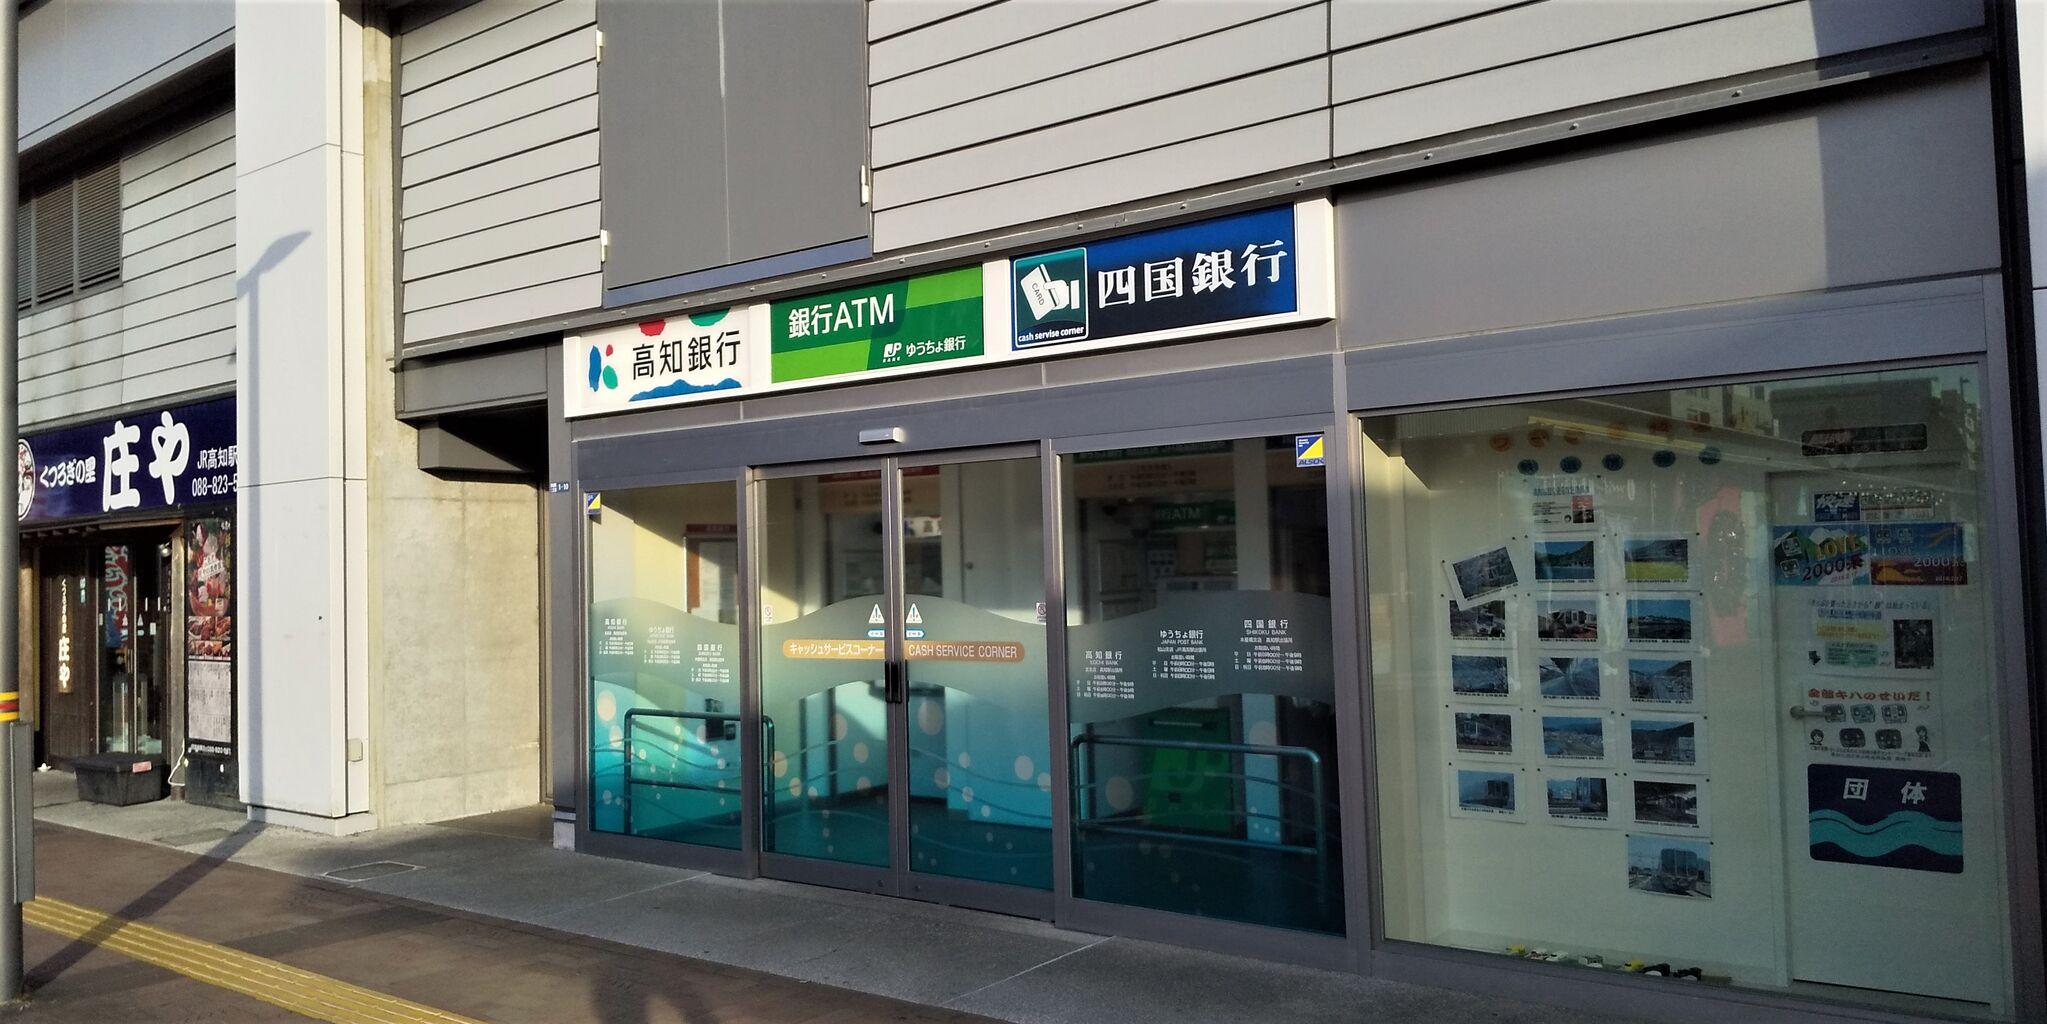 ゆうちょ 銀行 008 支店